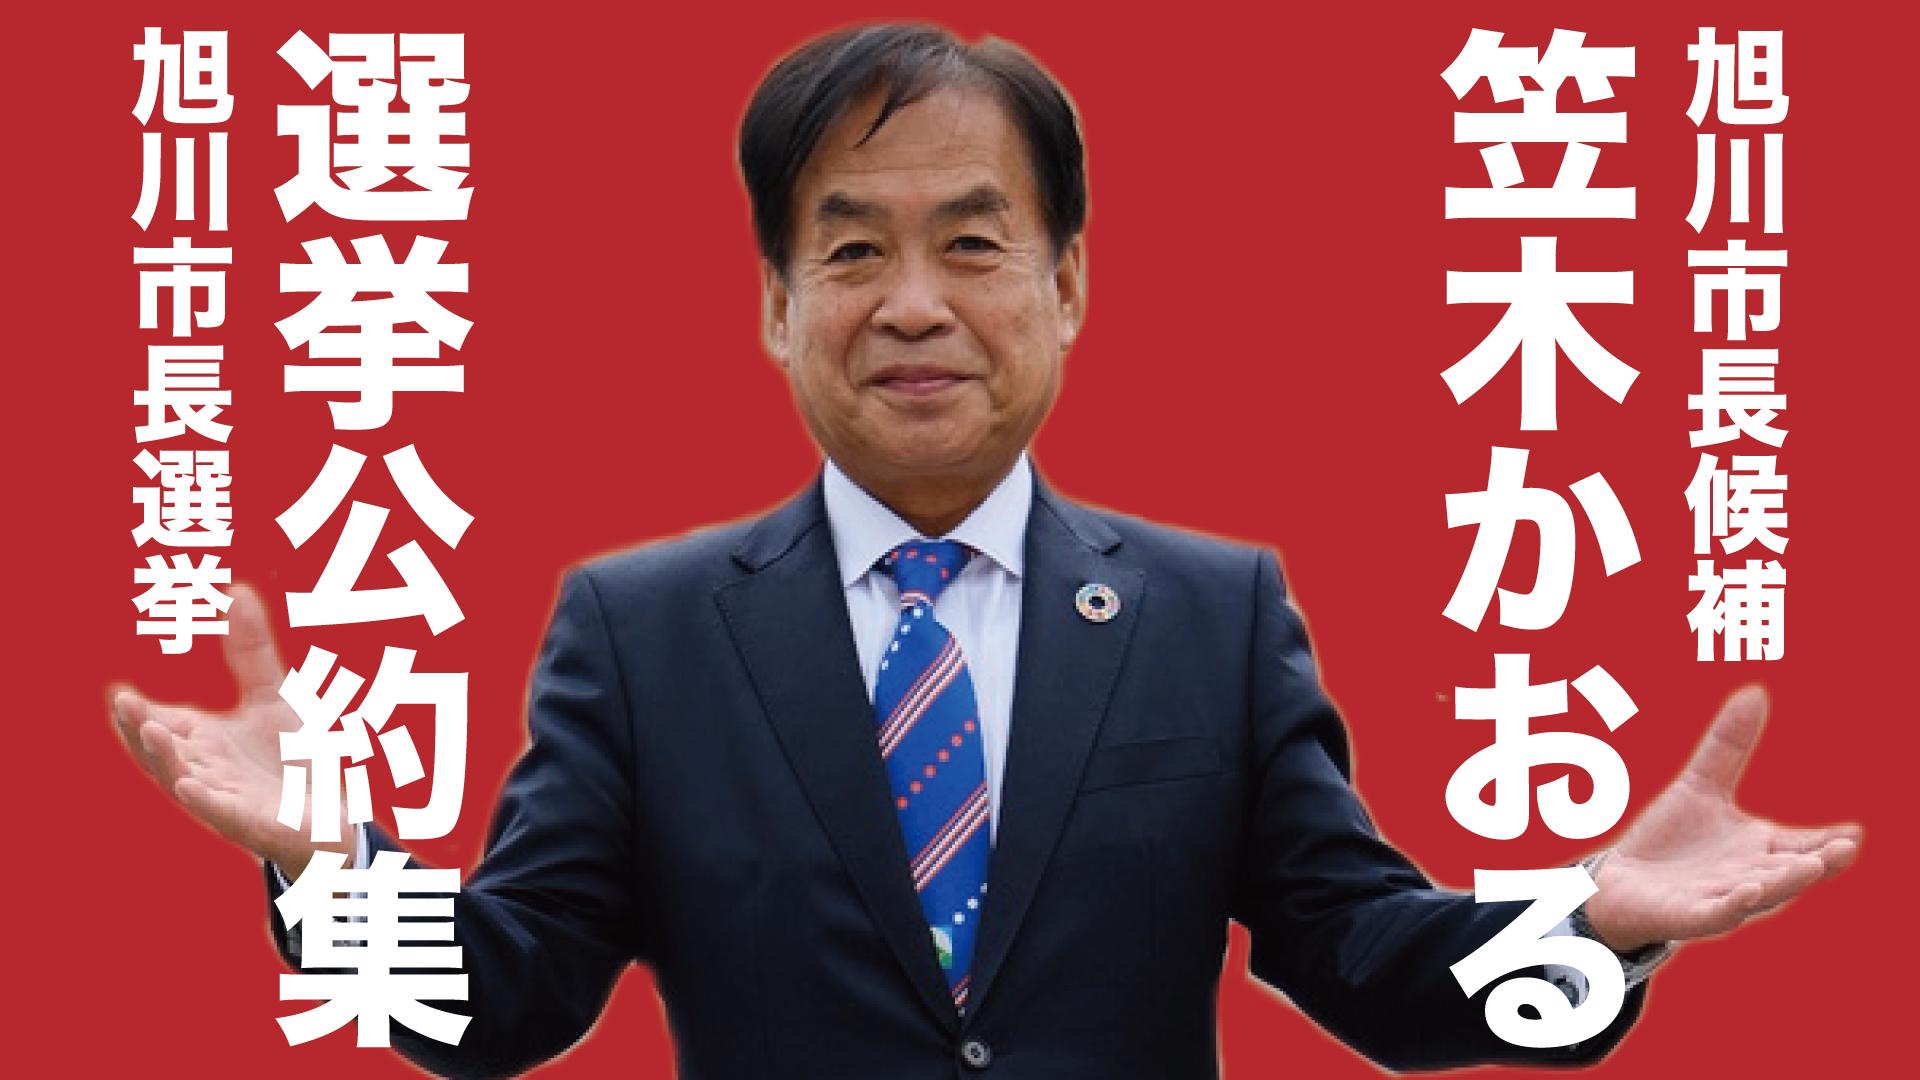 【政治部】投票へ行こう!=旭川市で3選挙(市長・道議・市議)はじまる